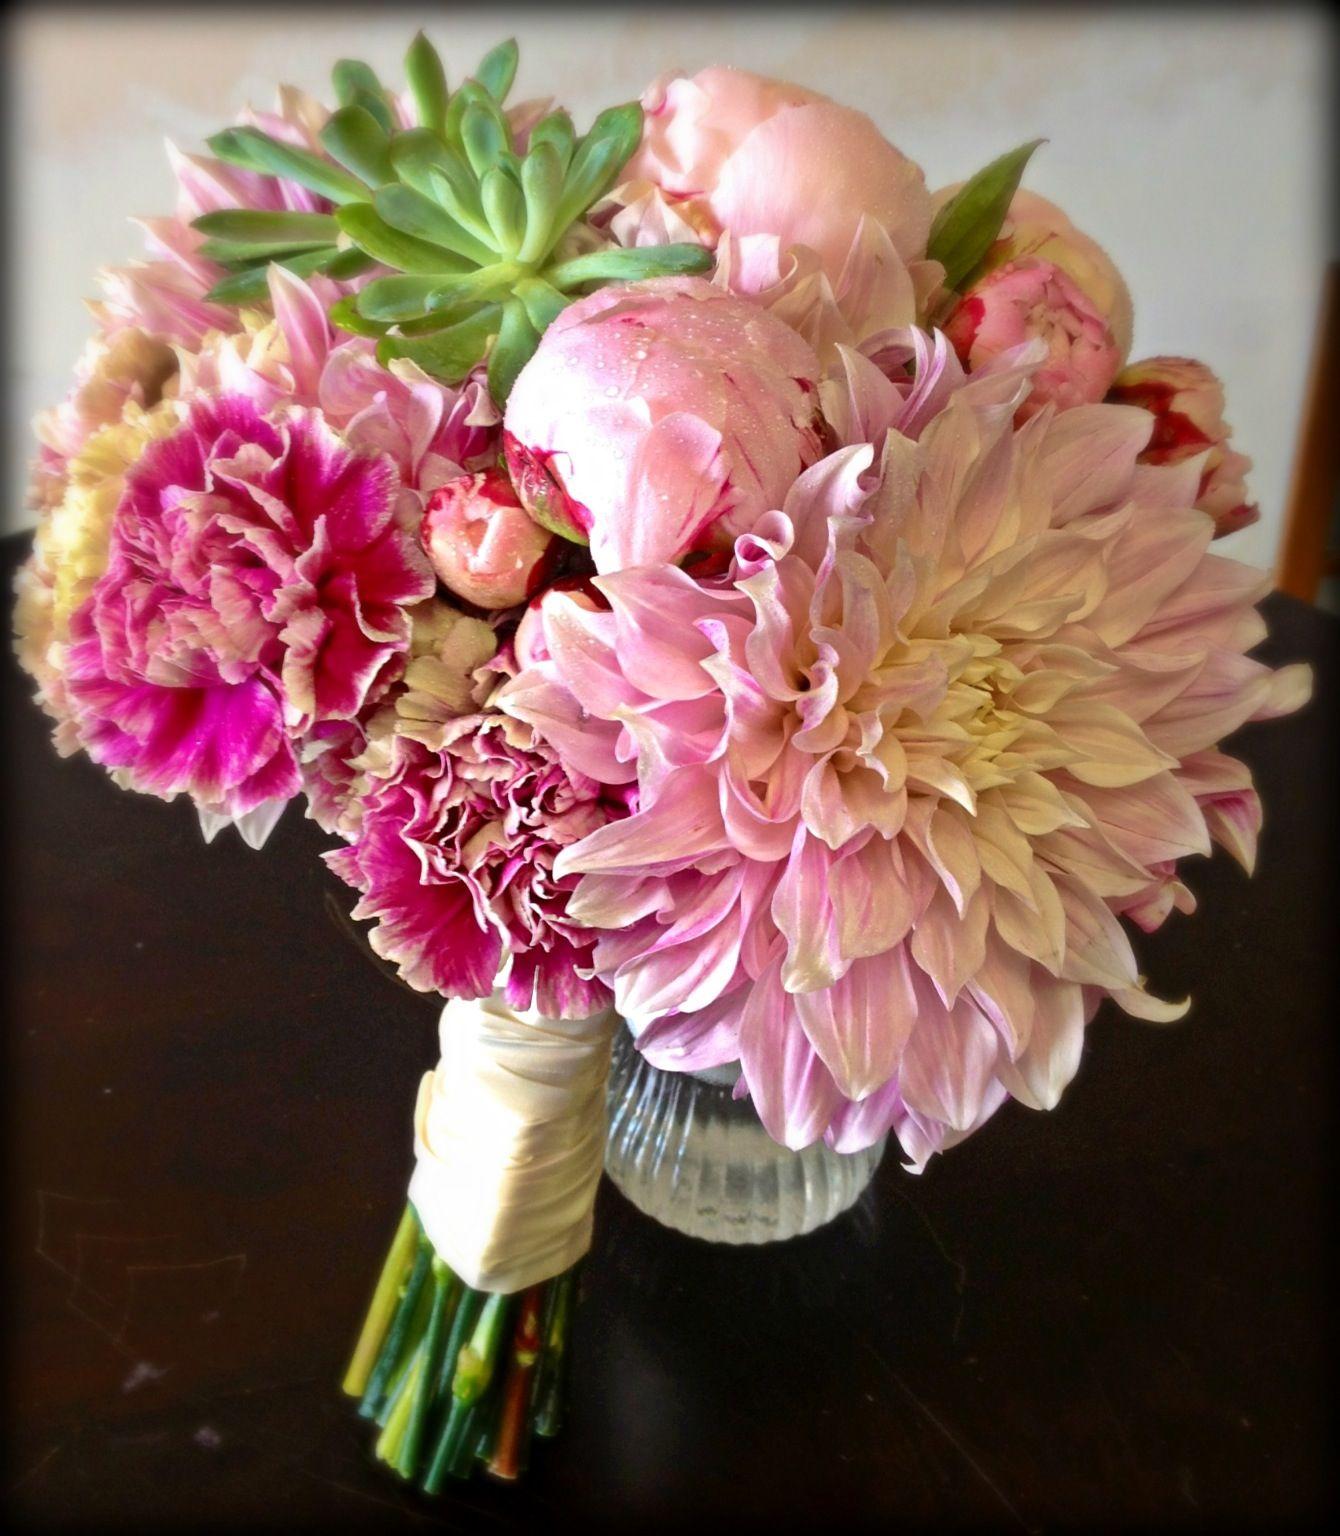 Cafe au lait dahlias, echeveria succulent, blush peonies ...